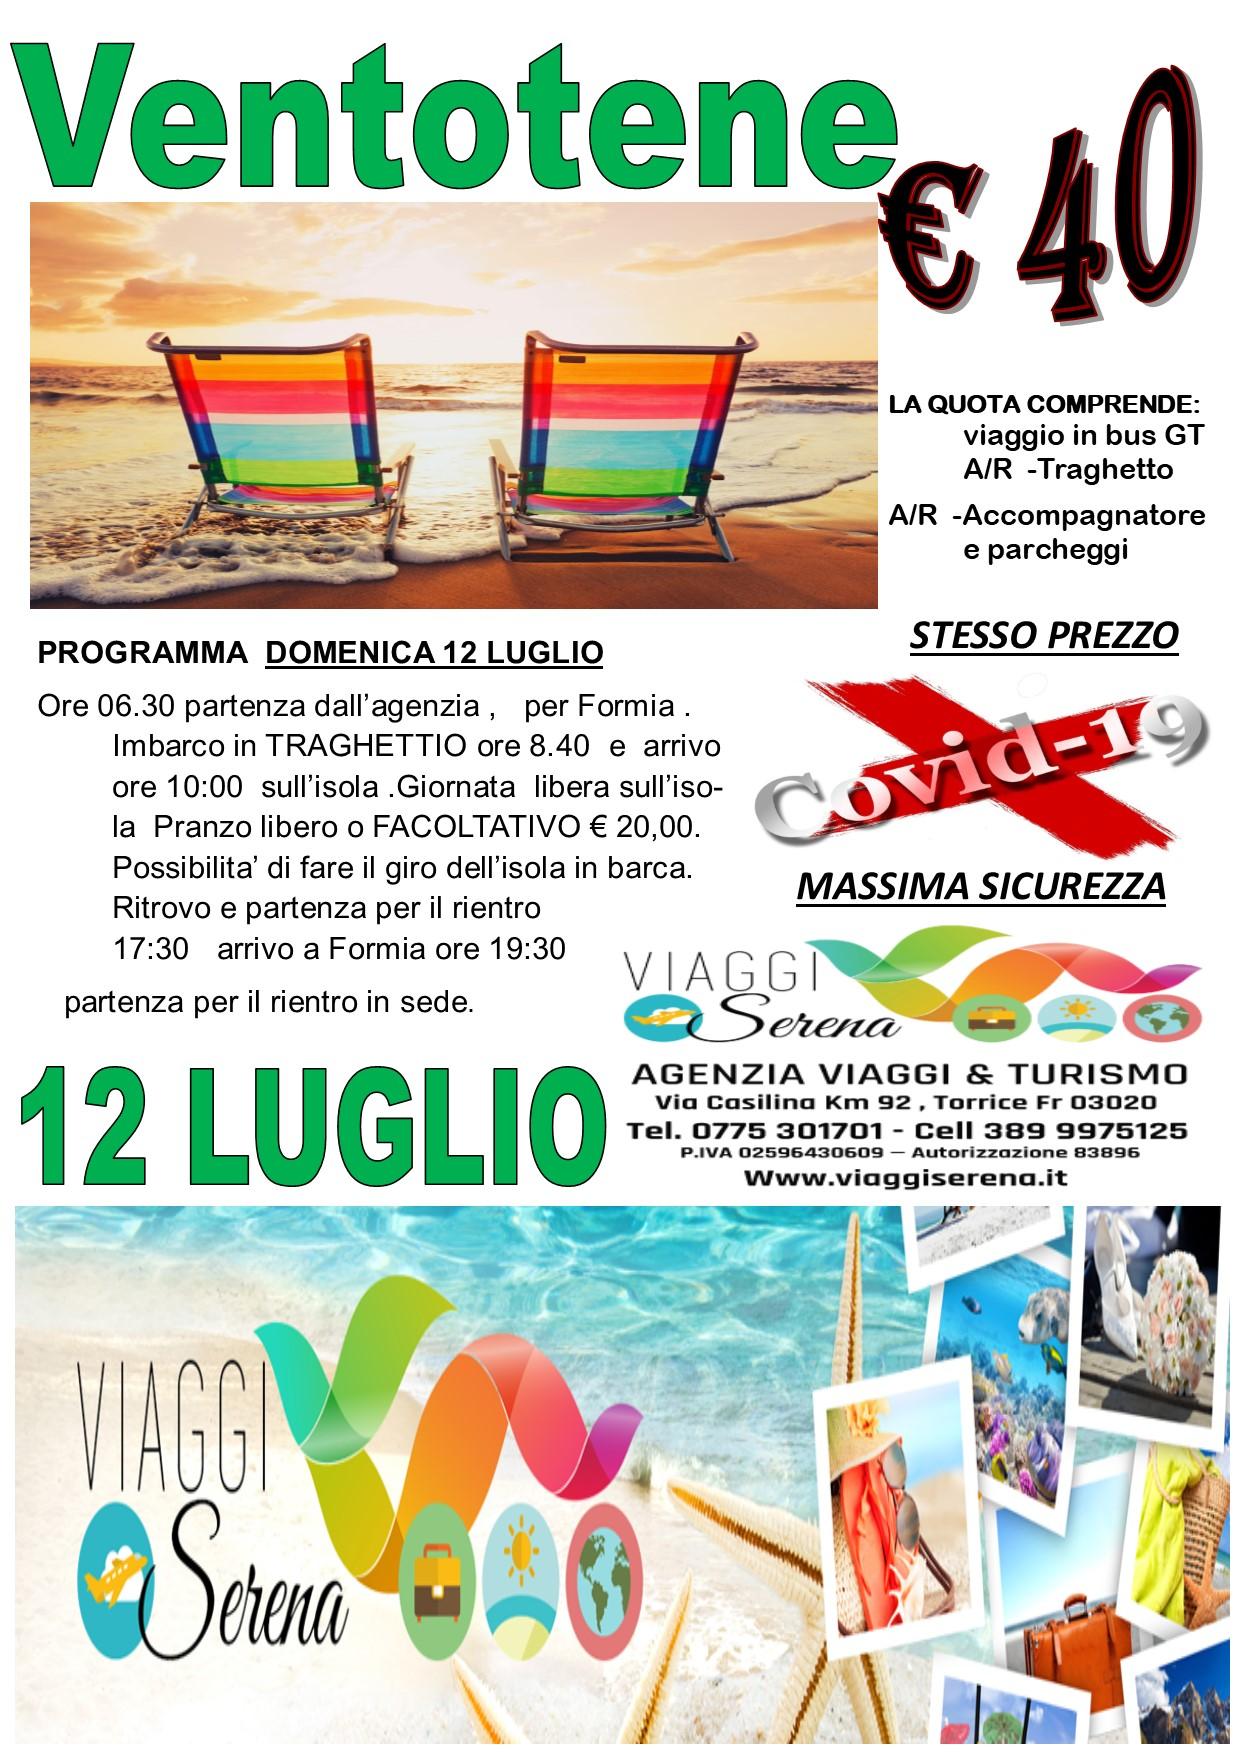 Viaggi di gruppo : Isola di Ventotene 12 LUGLIO €40,00